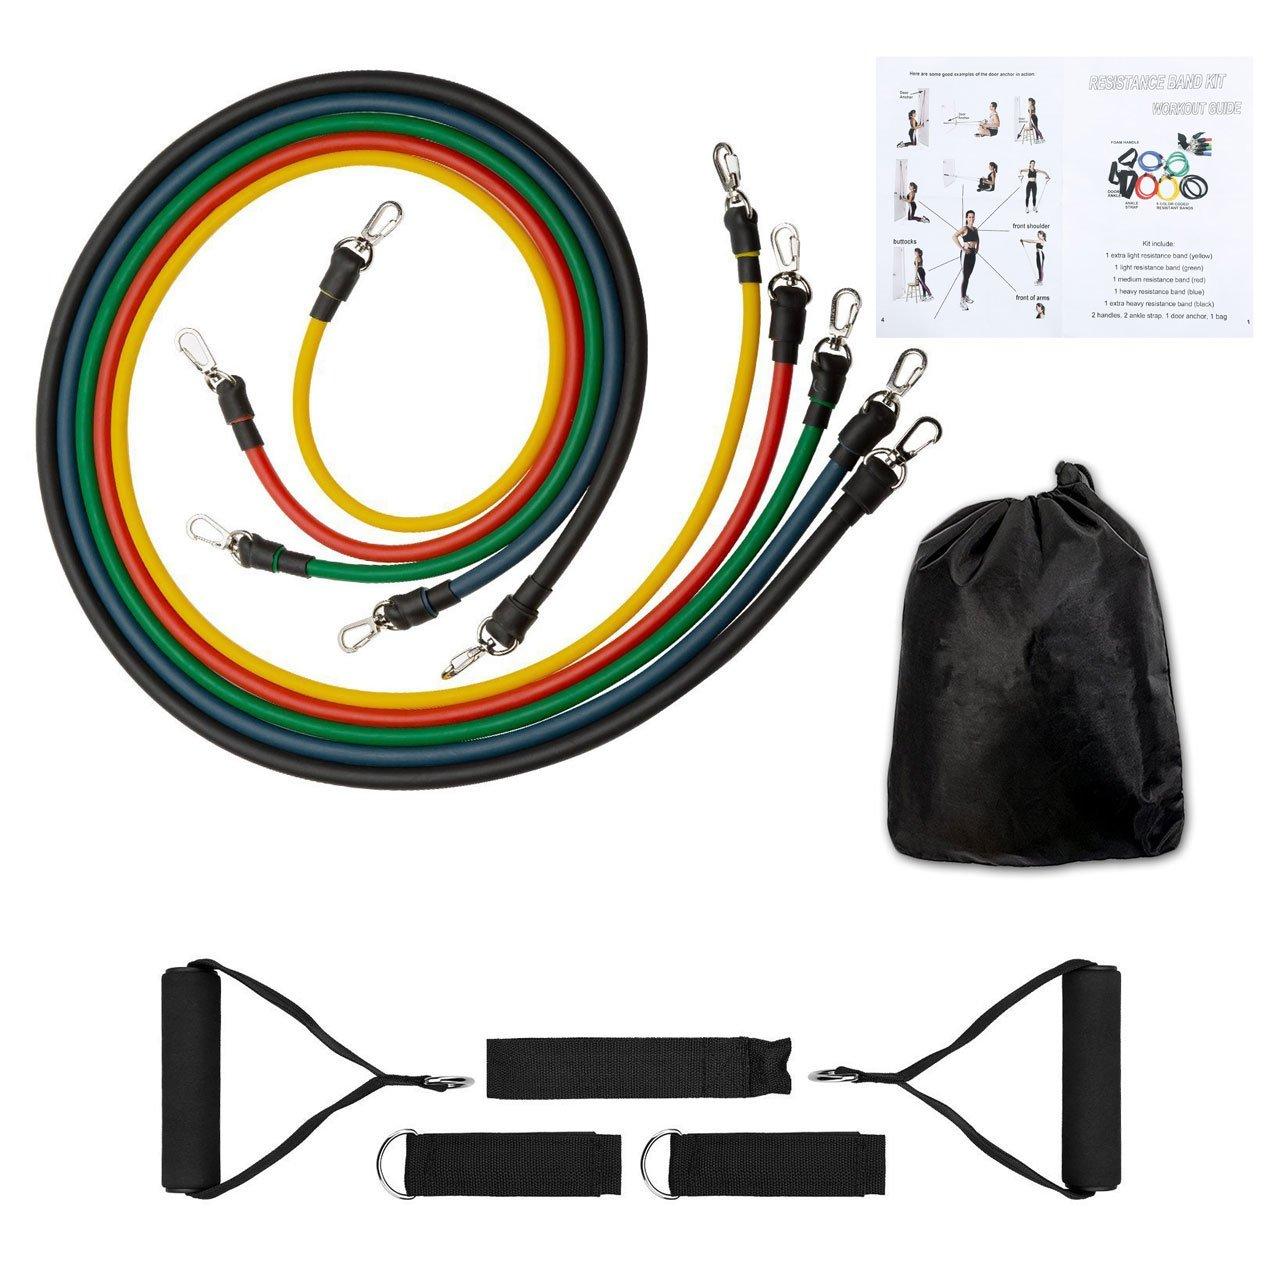 Látex elástica cuerda clase de látex Rally Vascular entrenamiento de resistencia banda de goma correa de bandas de resistencia bandas de ejercicio gimnasio ...